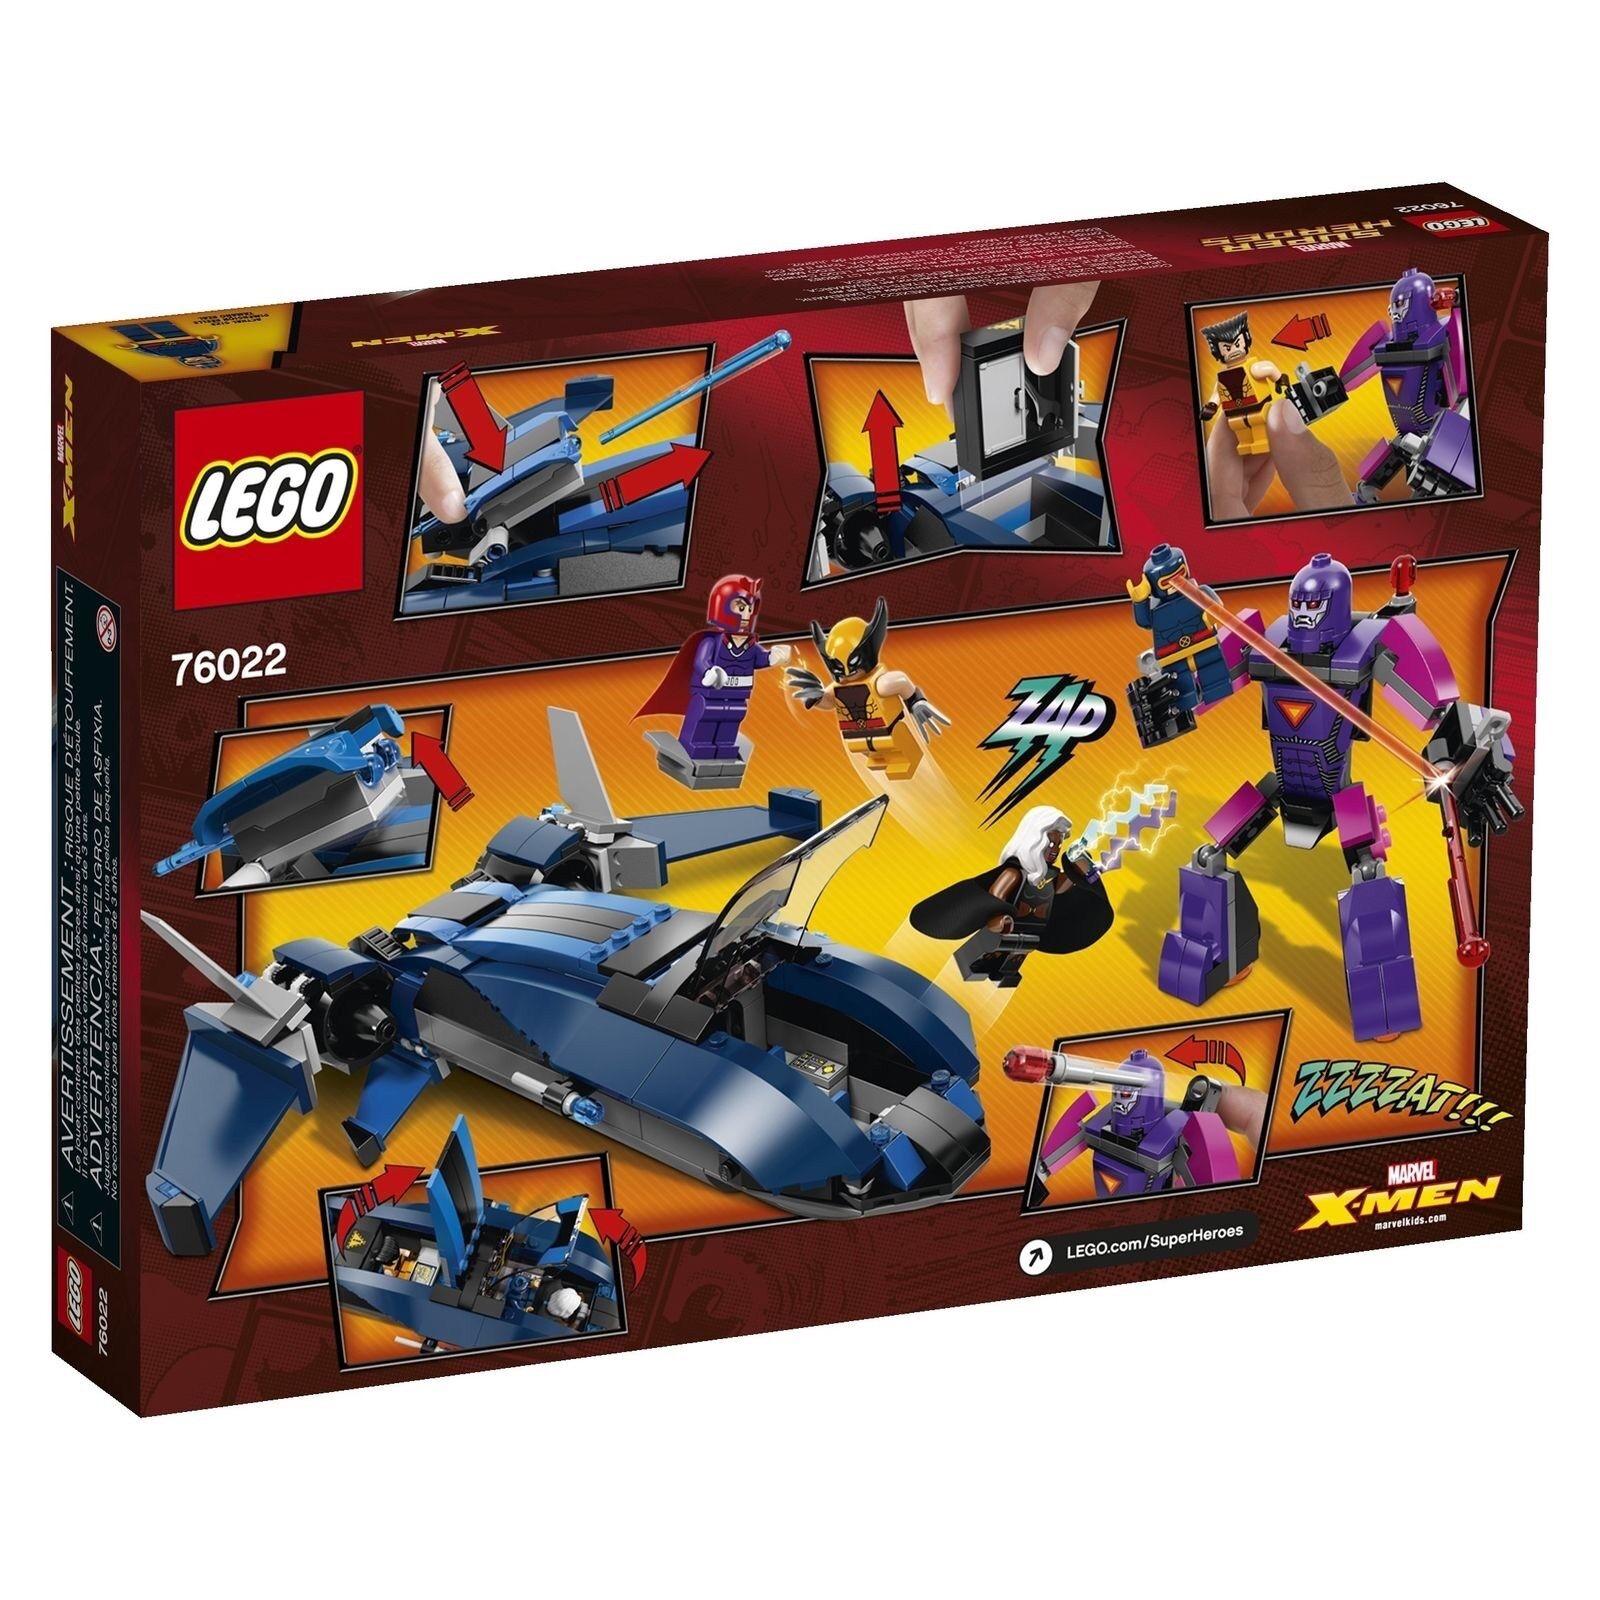 Profitez de la fin de l'année, l'année, l'année, copiez le prix du cadeau, c'est au-delà de votre imagination! Lego-Marvel Super Heroes-X-Hommes  Vs. The Sentinel - 76022-New 8e2842